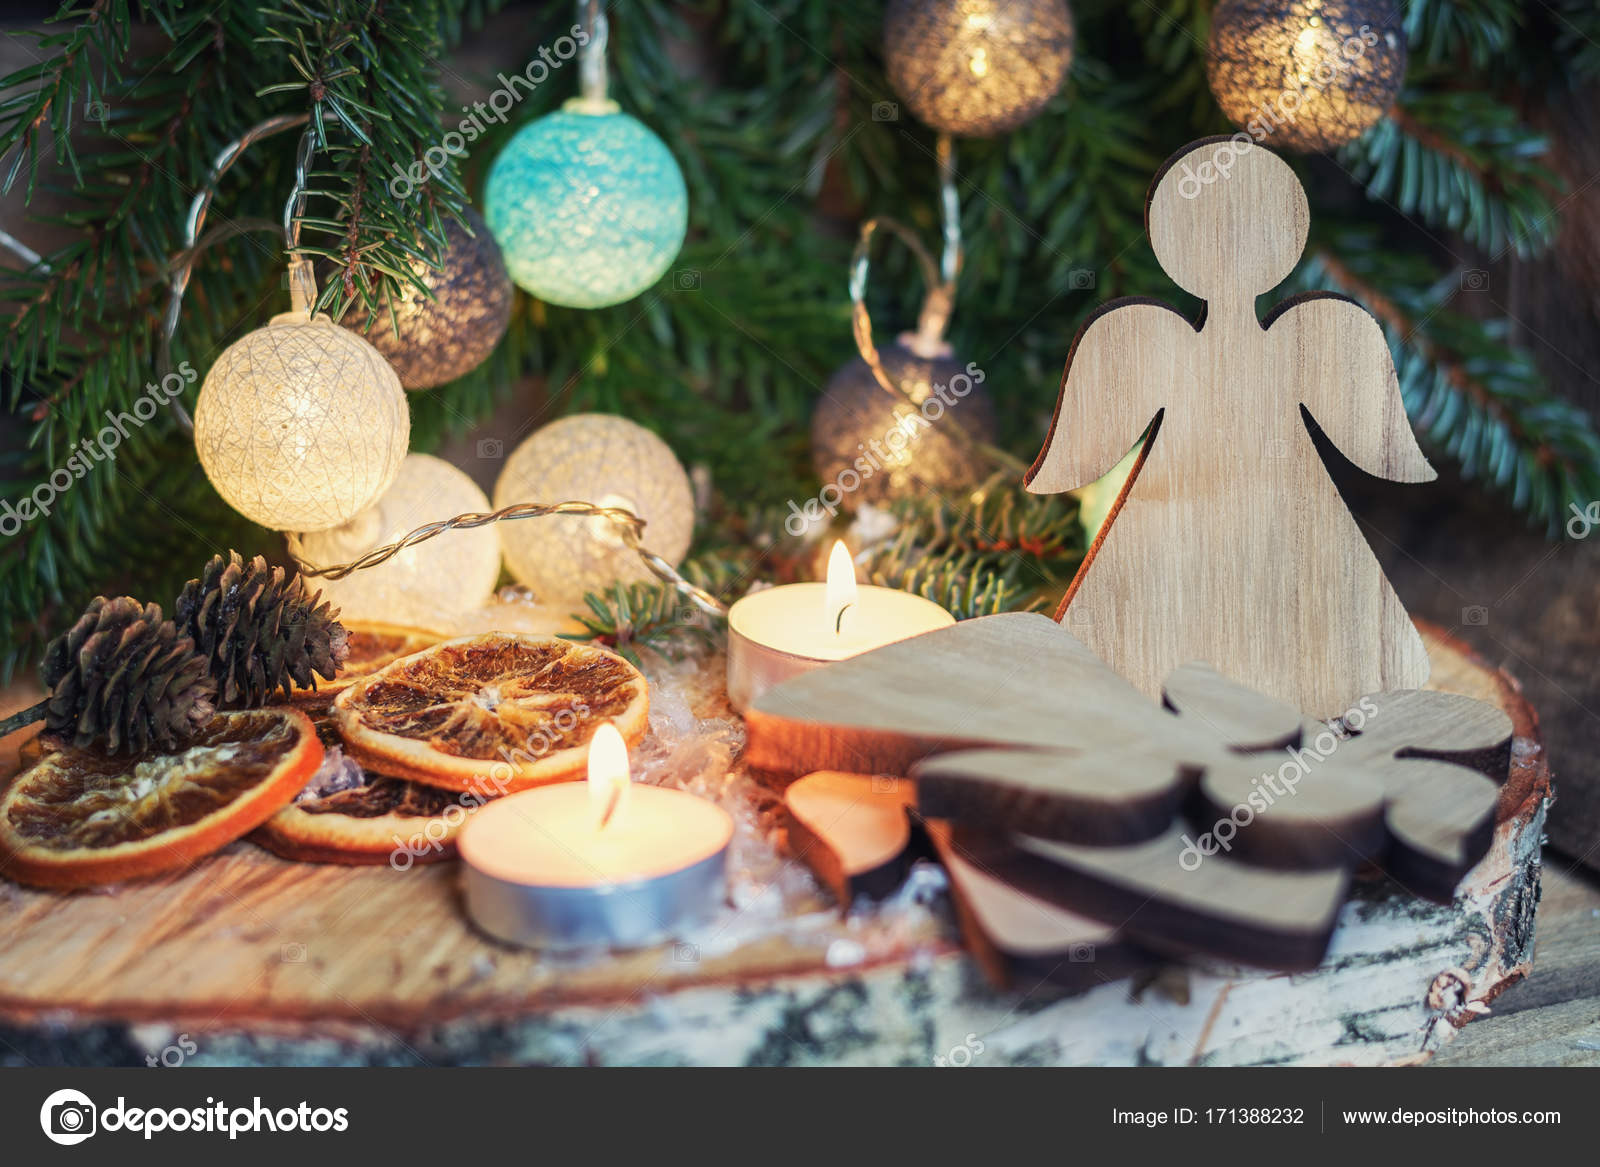 Beleuchtete Christbaumkugeln.Hölzerne Engel Vor Ein Weihnachts Zweig Mit Beleuchtete